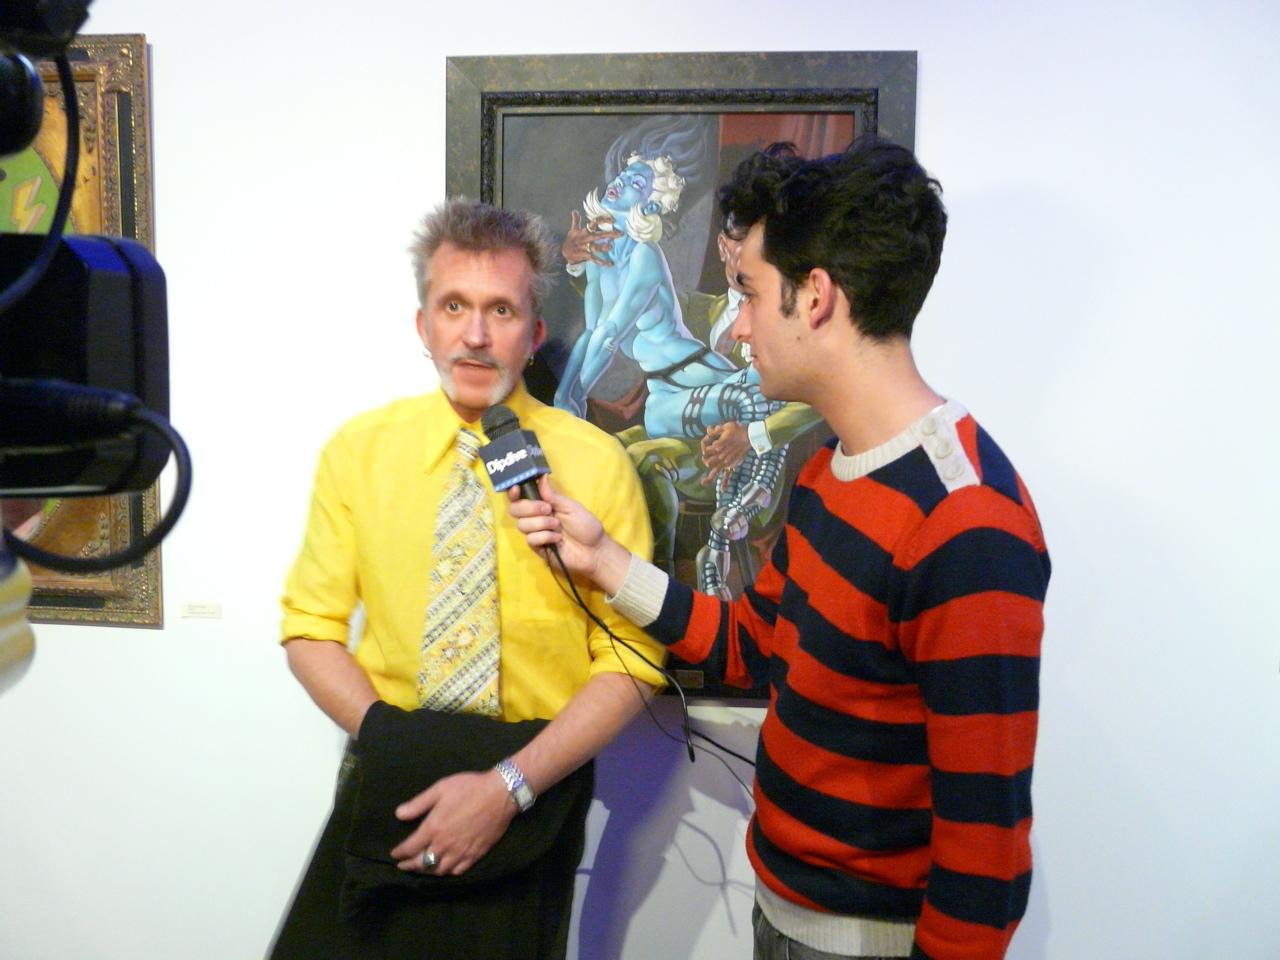 Van Arno interviewed.